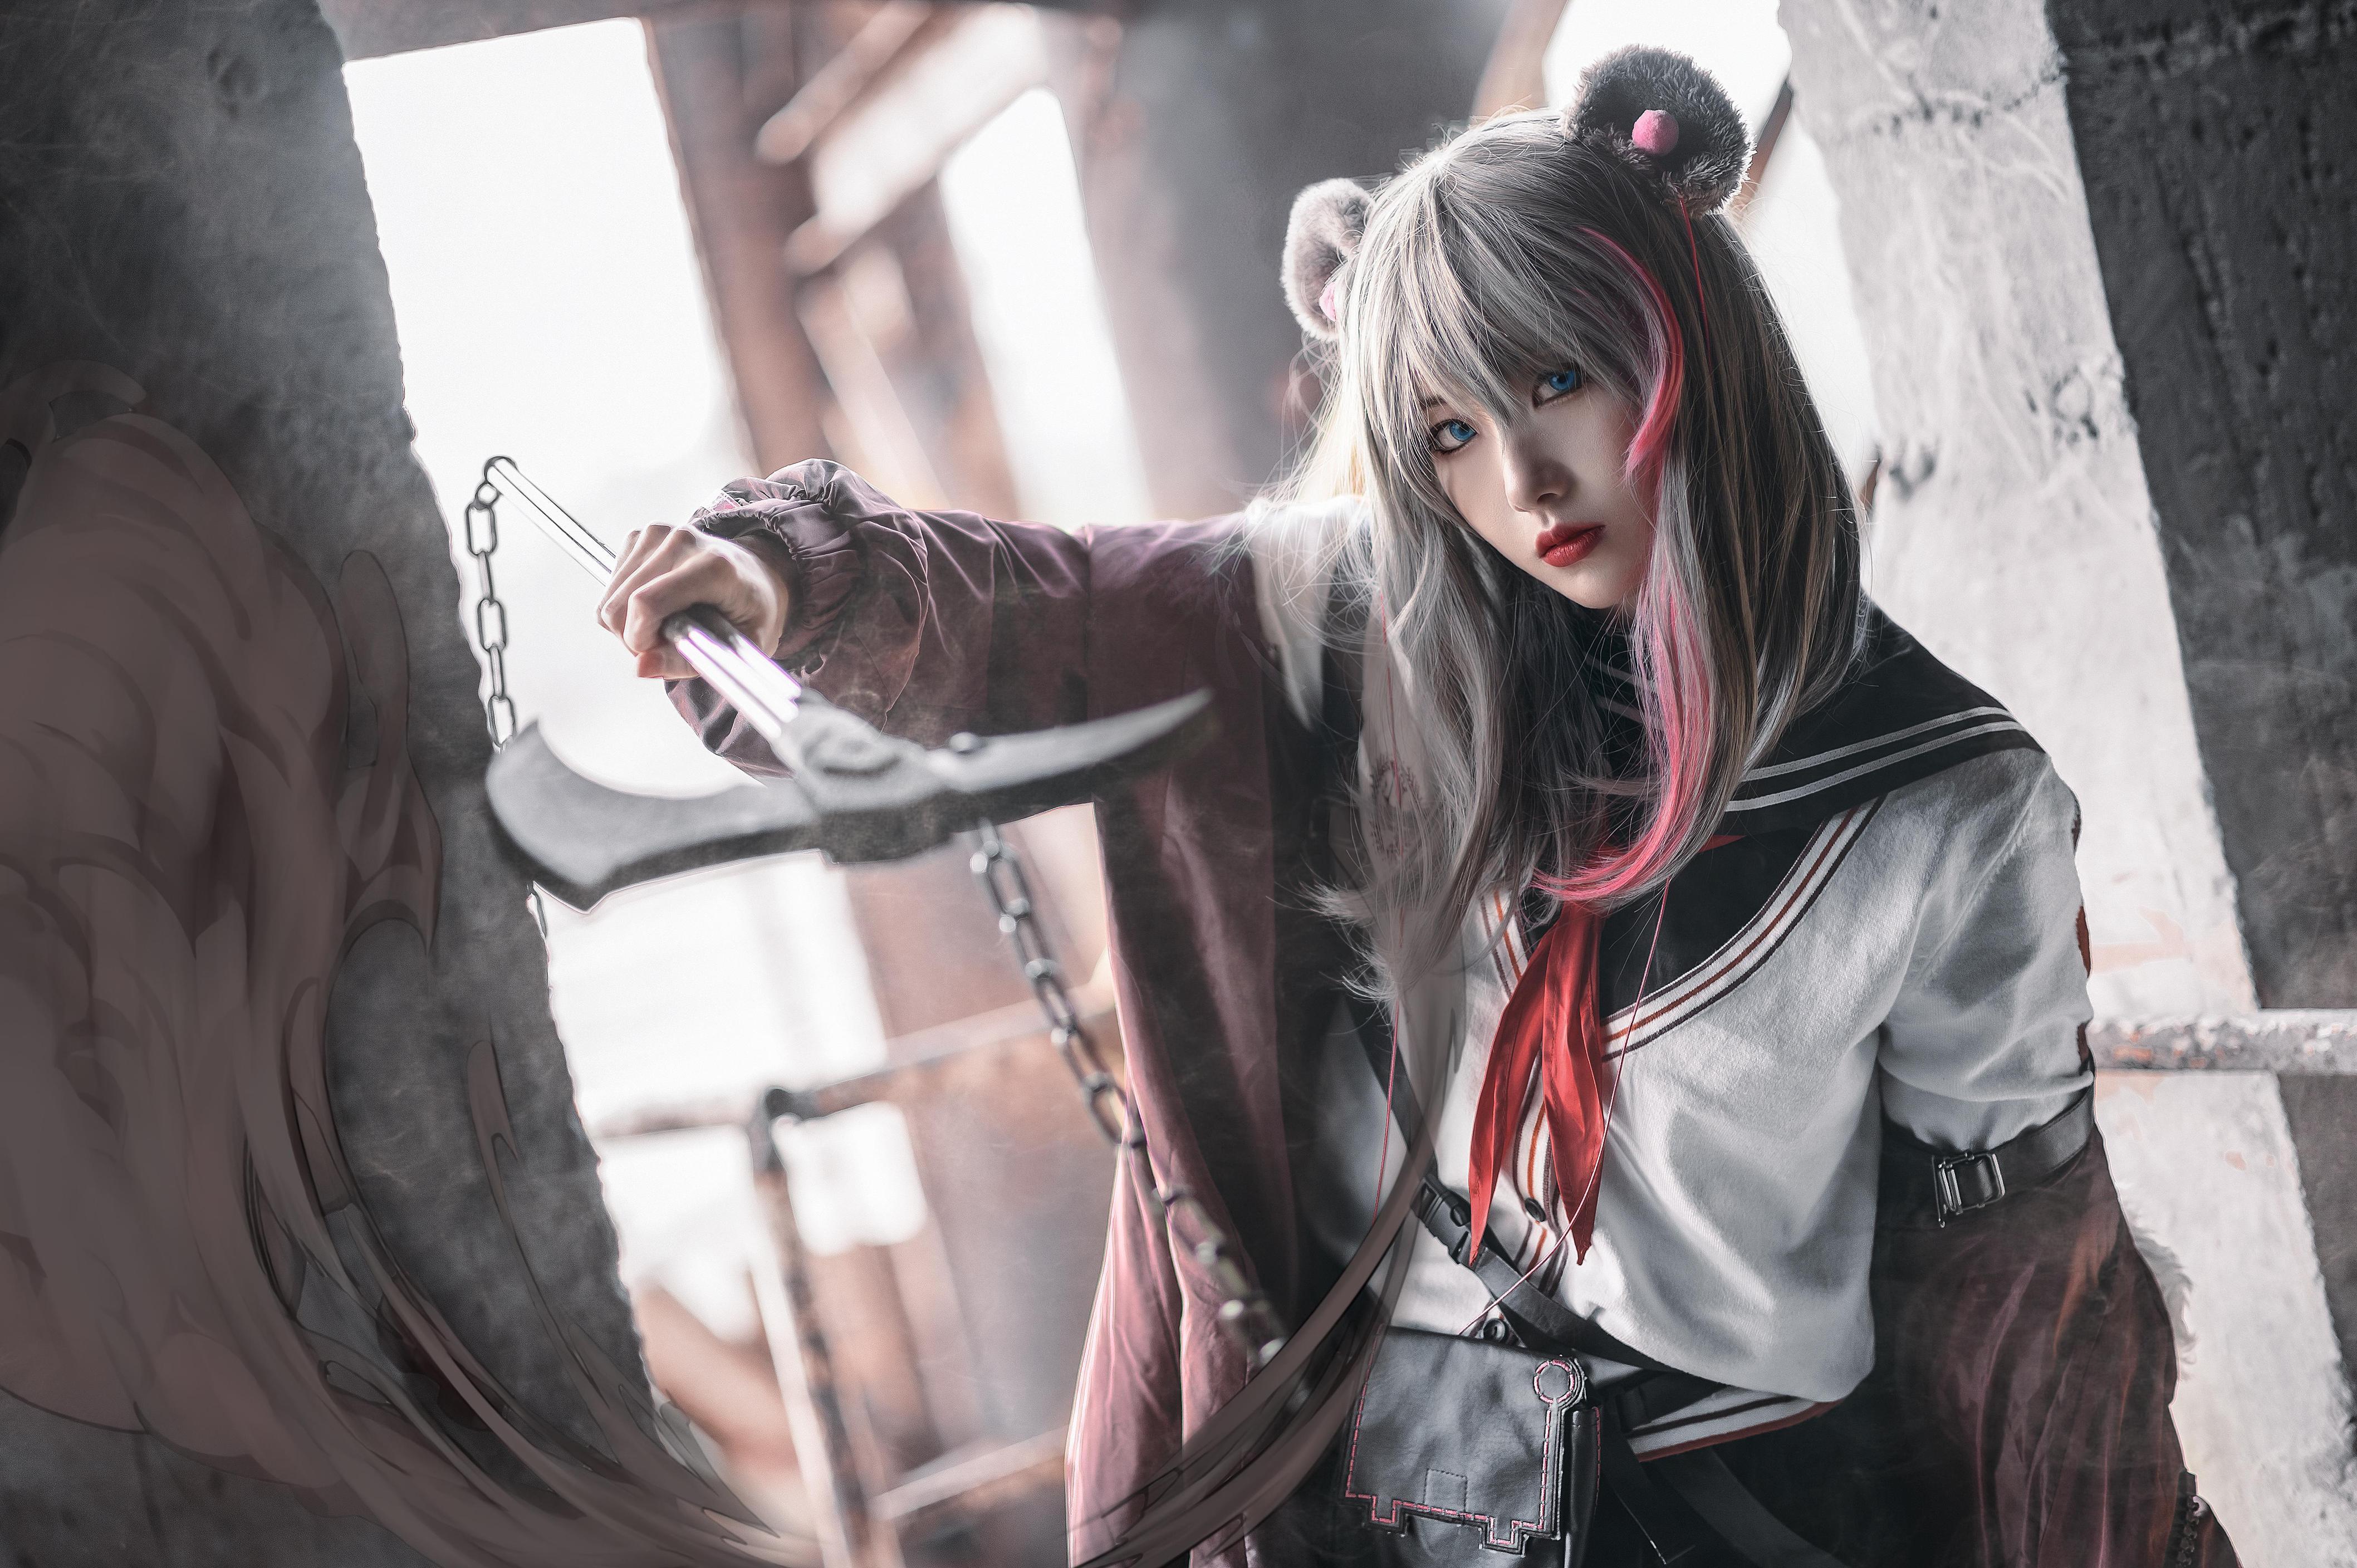 《明日方舟》正片cosplay【CN:小青姑娘闭关修炼中】-第9张